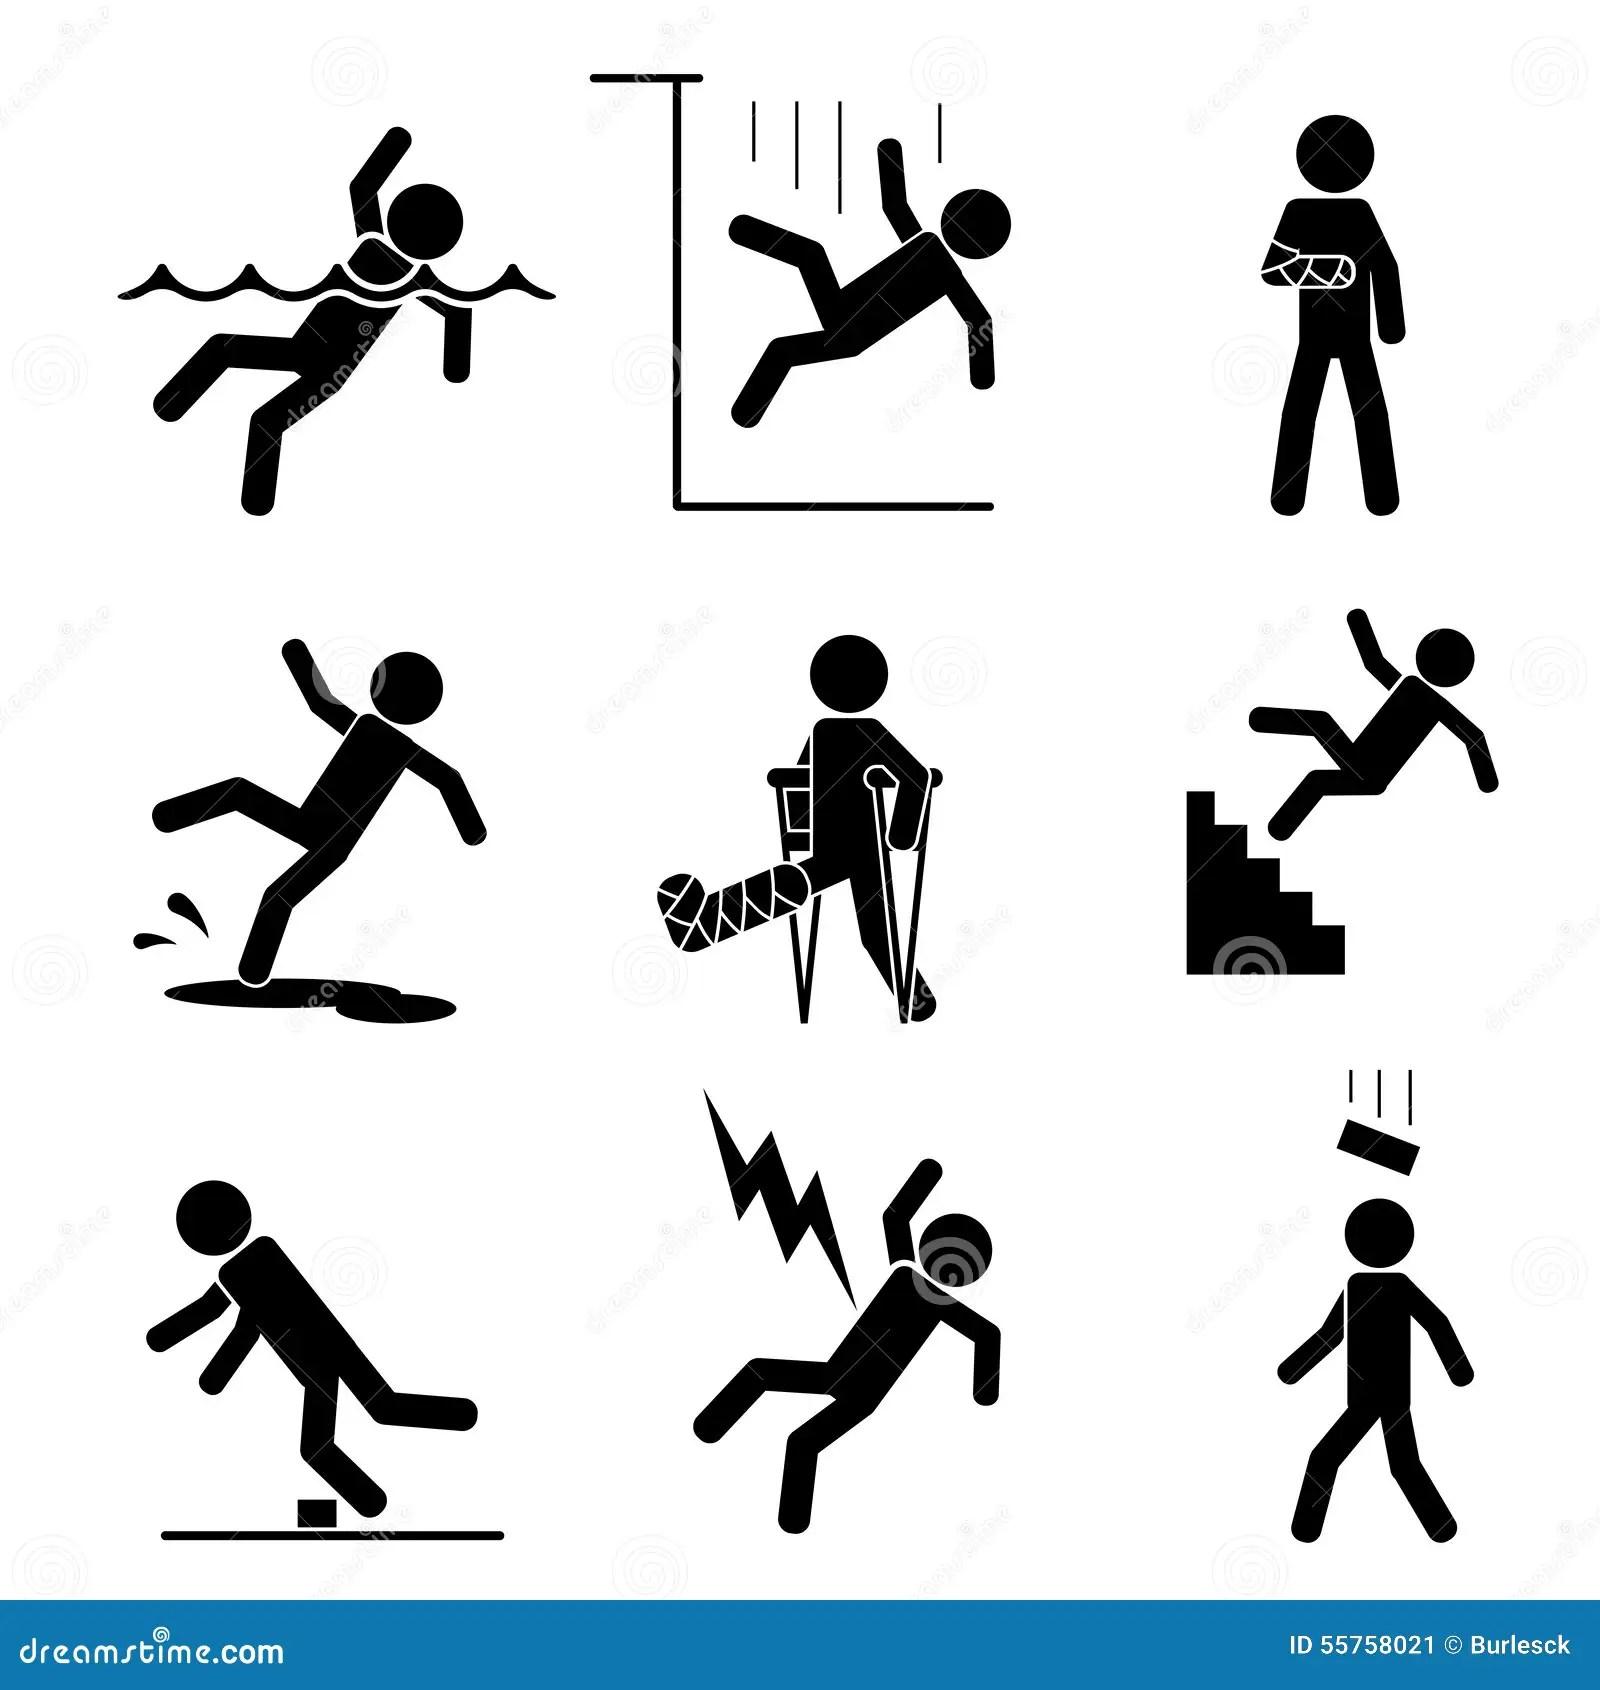 Icones De Securite Et D Accidents Illustration De Vecteur